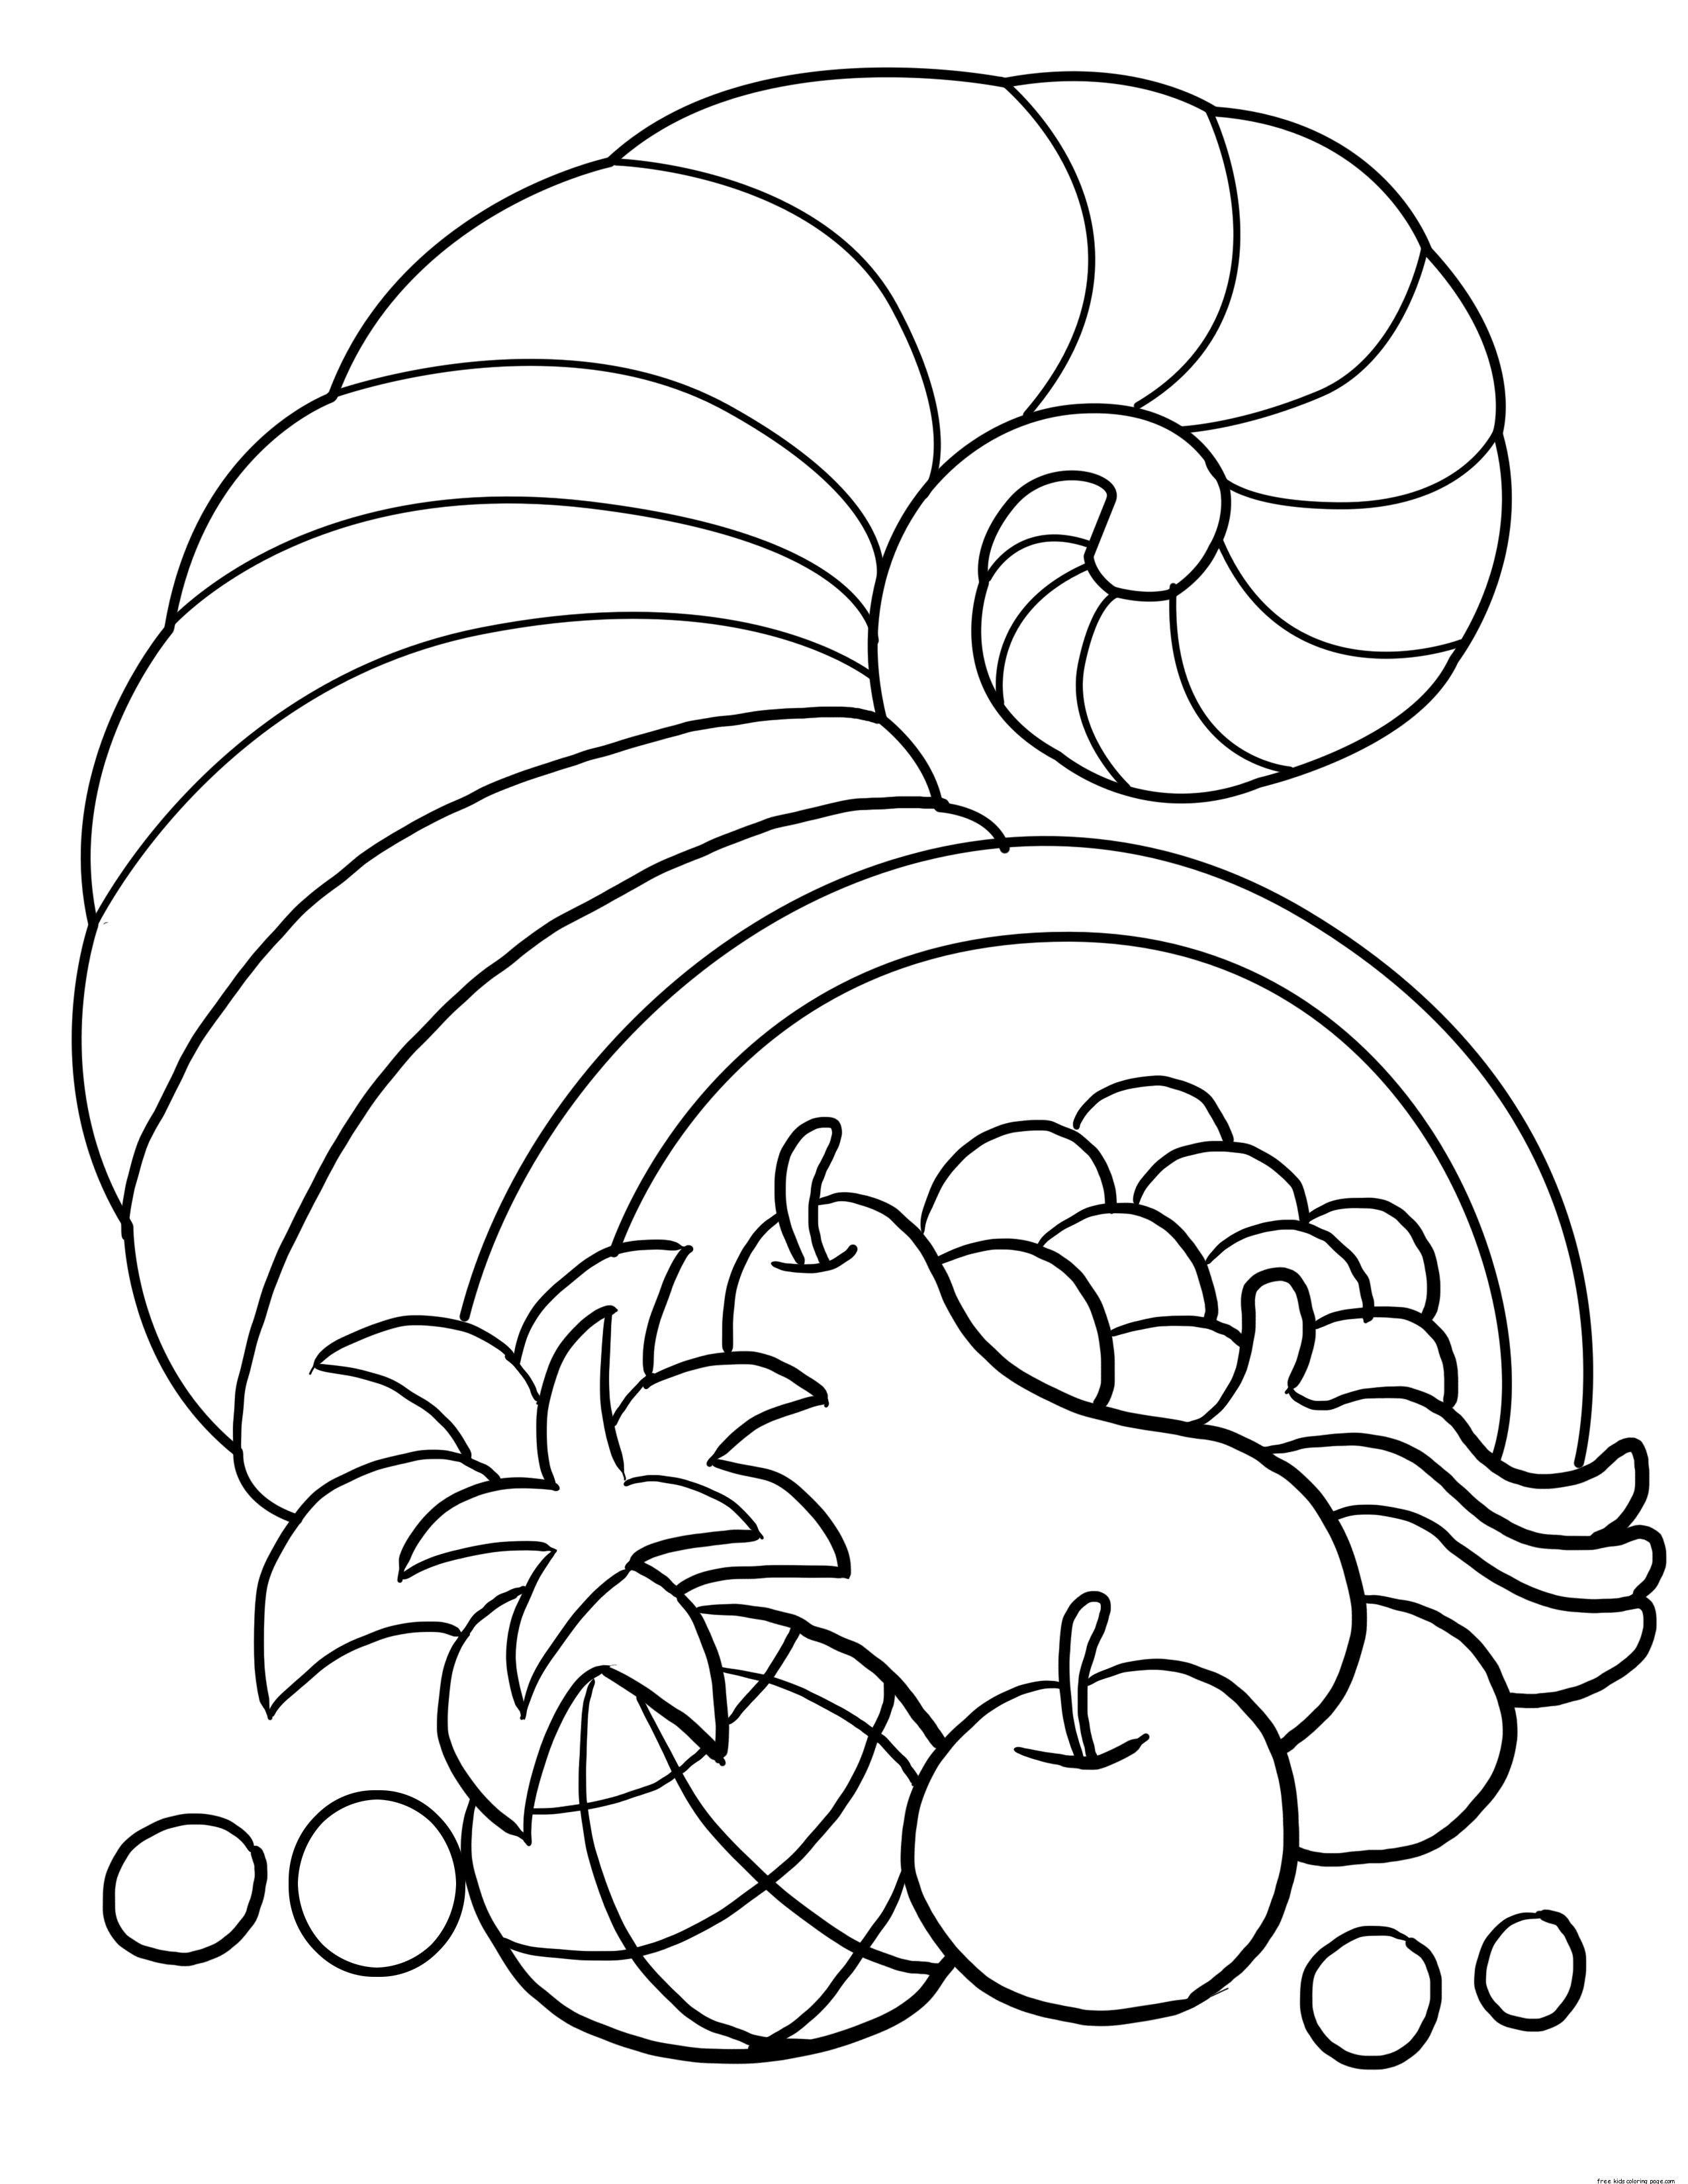 Thanksgiving Coloring Pages Free 9 Ball Halaman Mewarnai Buku Mewarnai Lembar Mewarnai